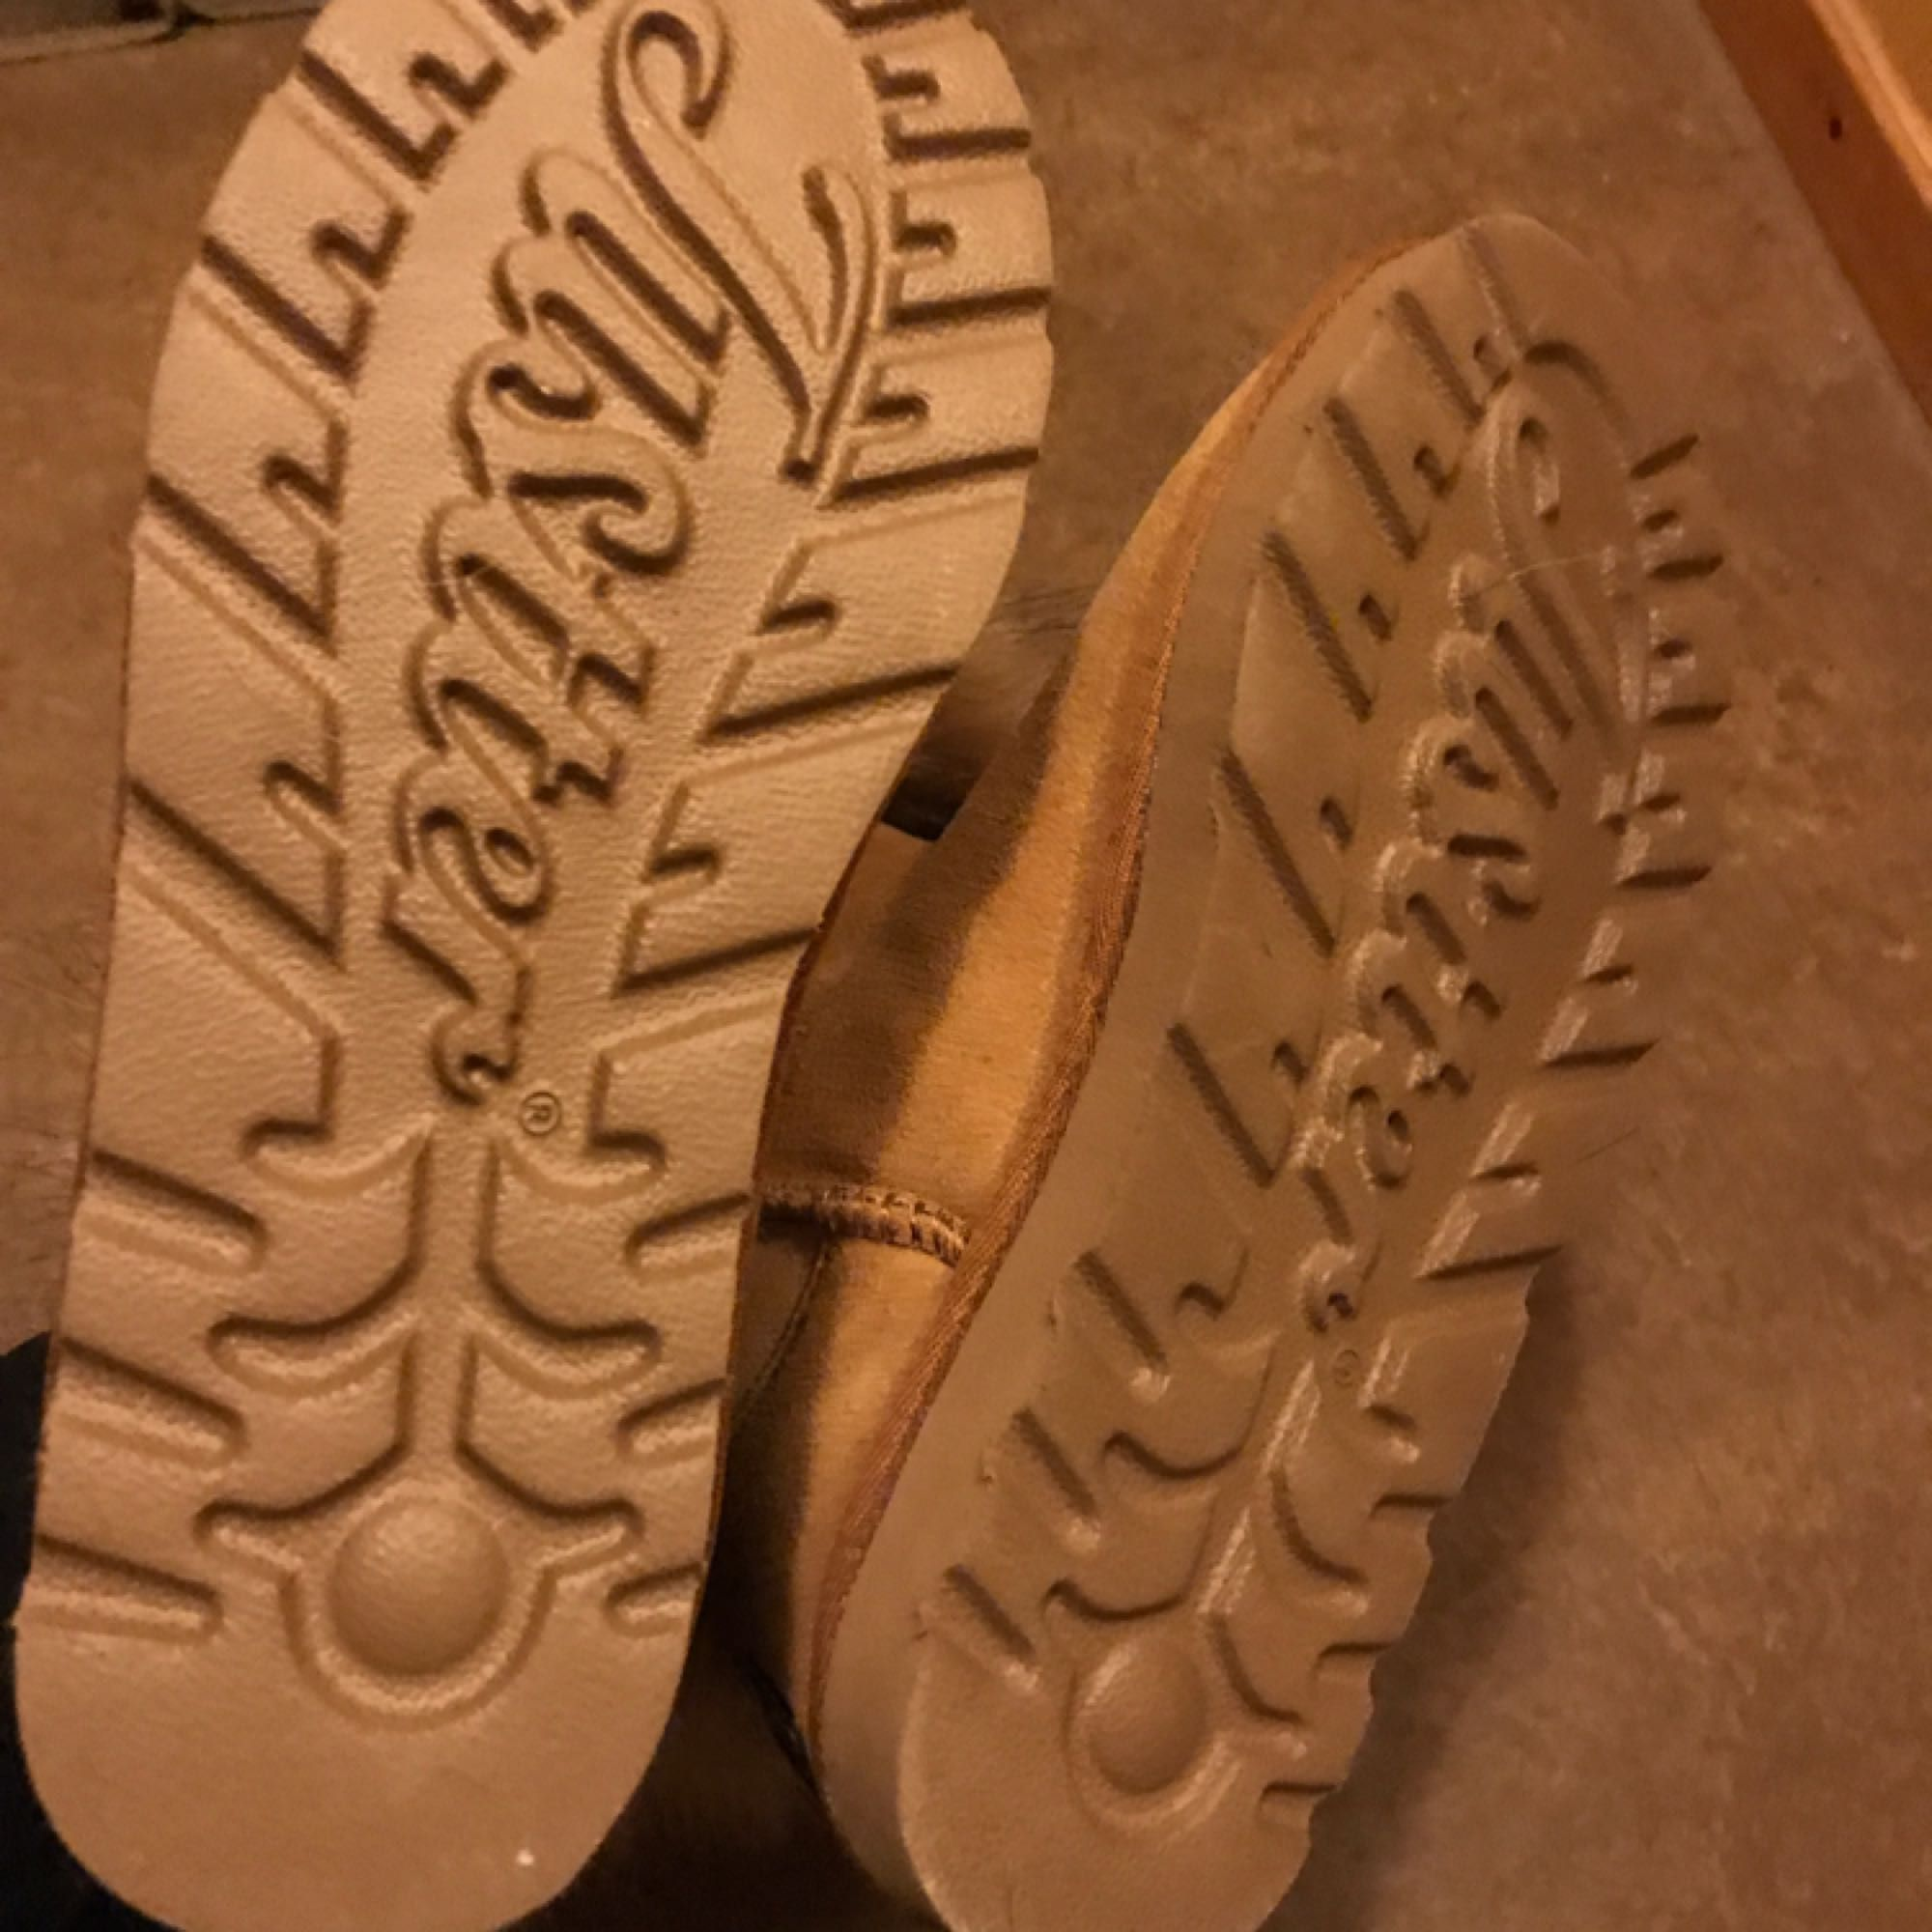 bd8f4971121 ... Väldigt varma och sköna skor perfekt för vintern, dem är helt nya, ...